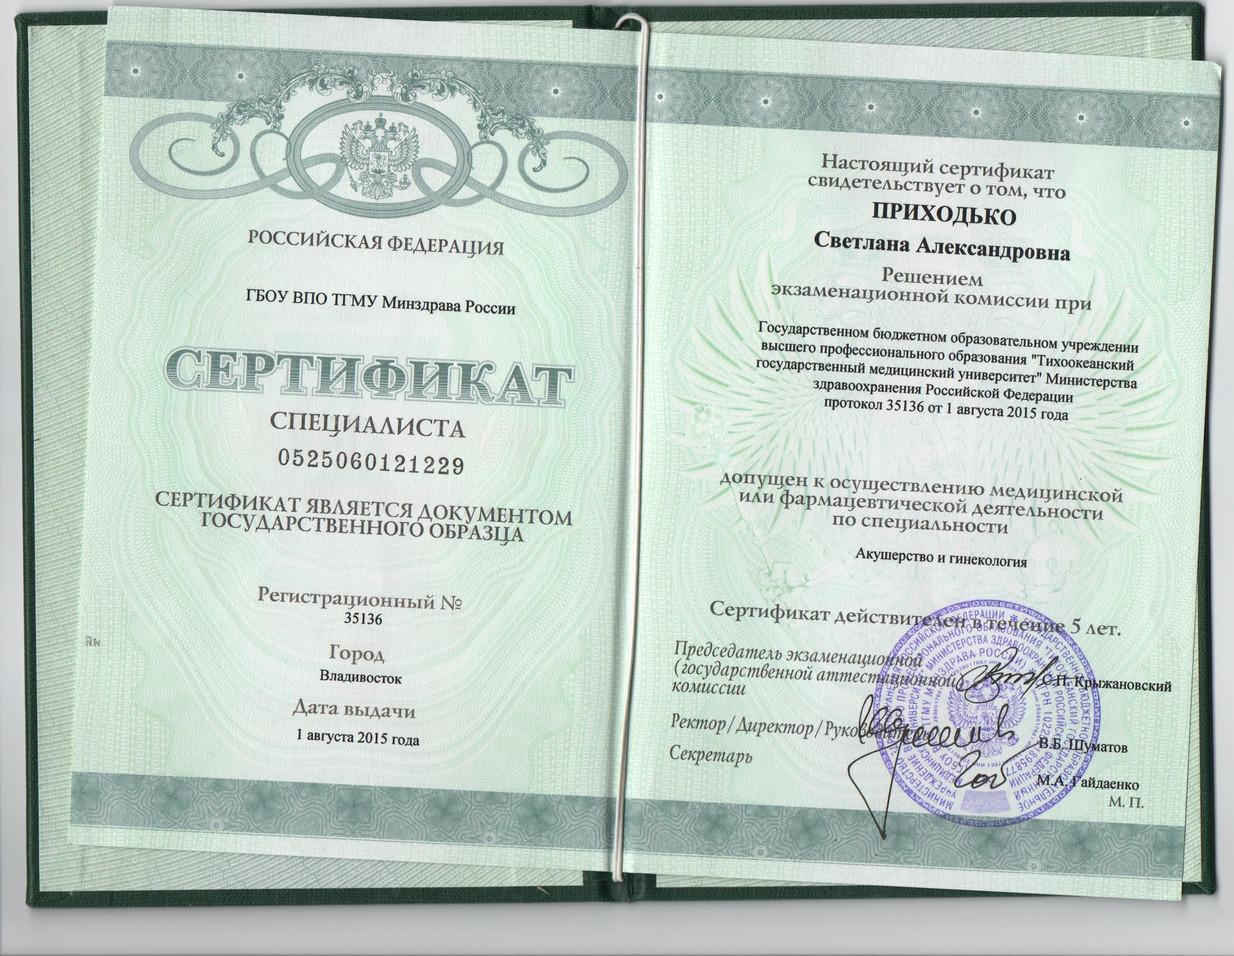 Сертификат, Приходько С.А. 2 001.jpg